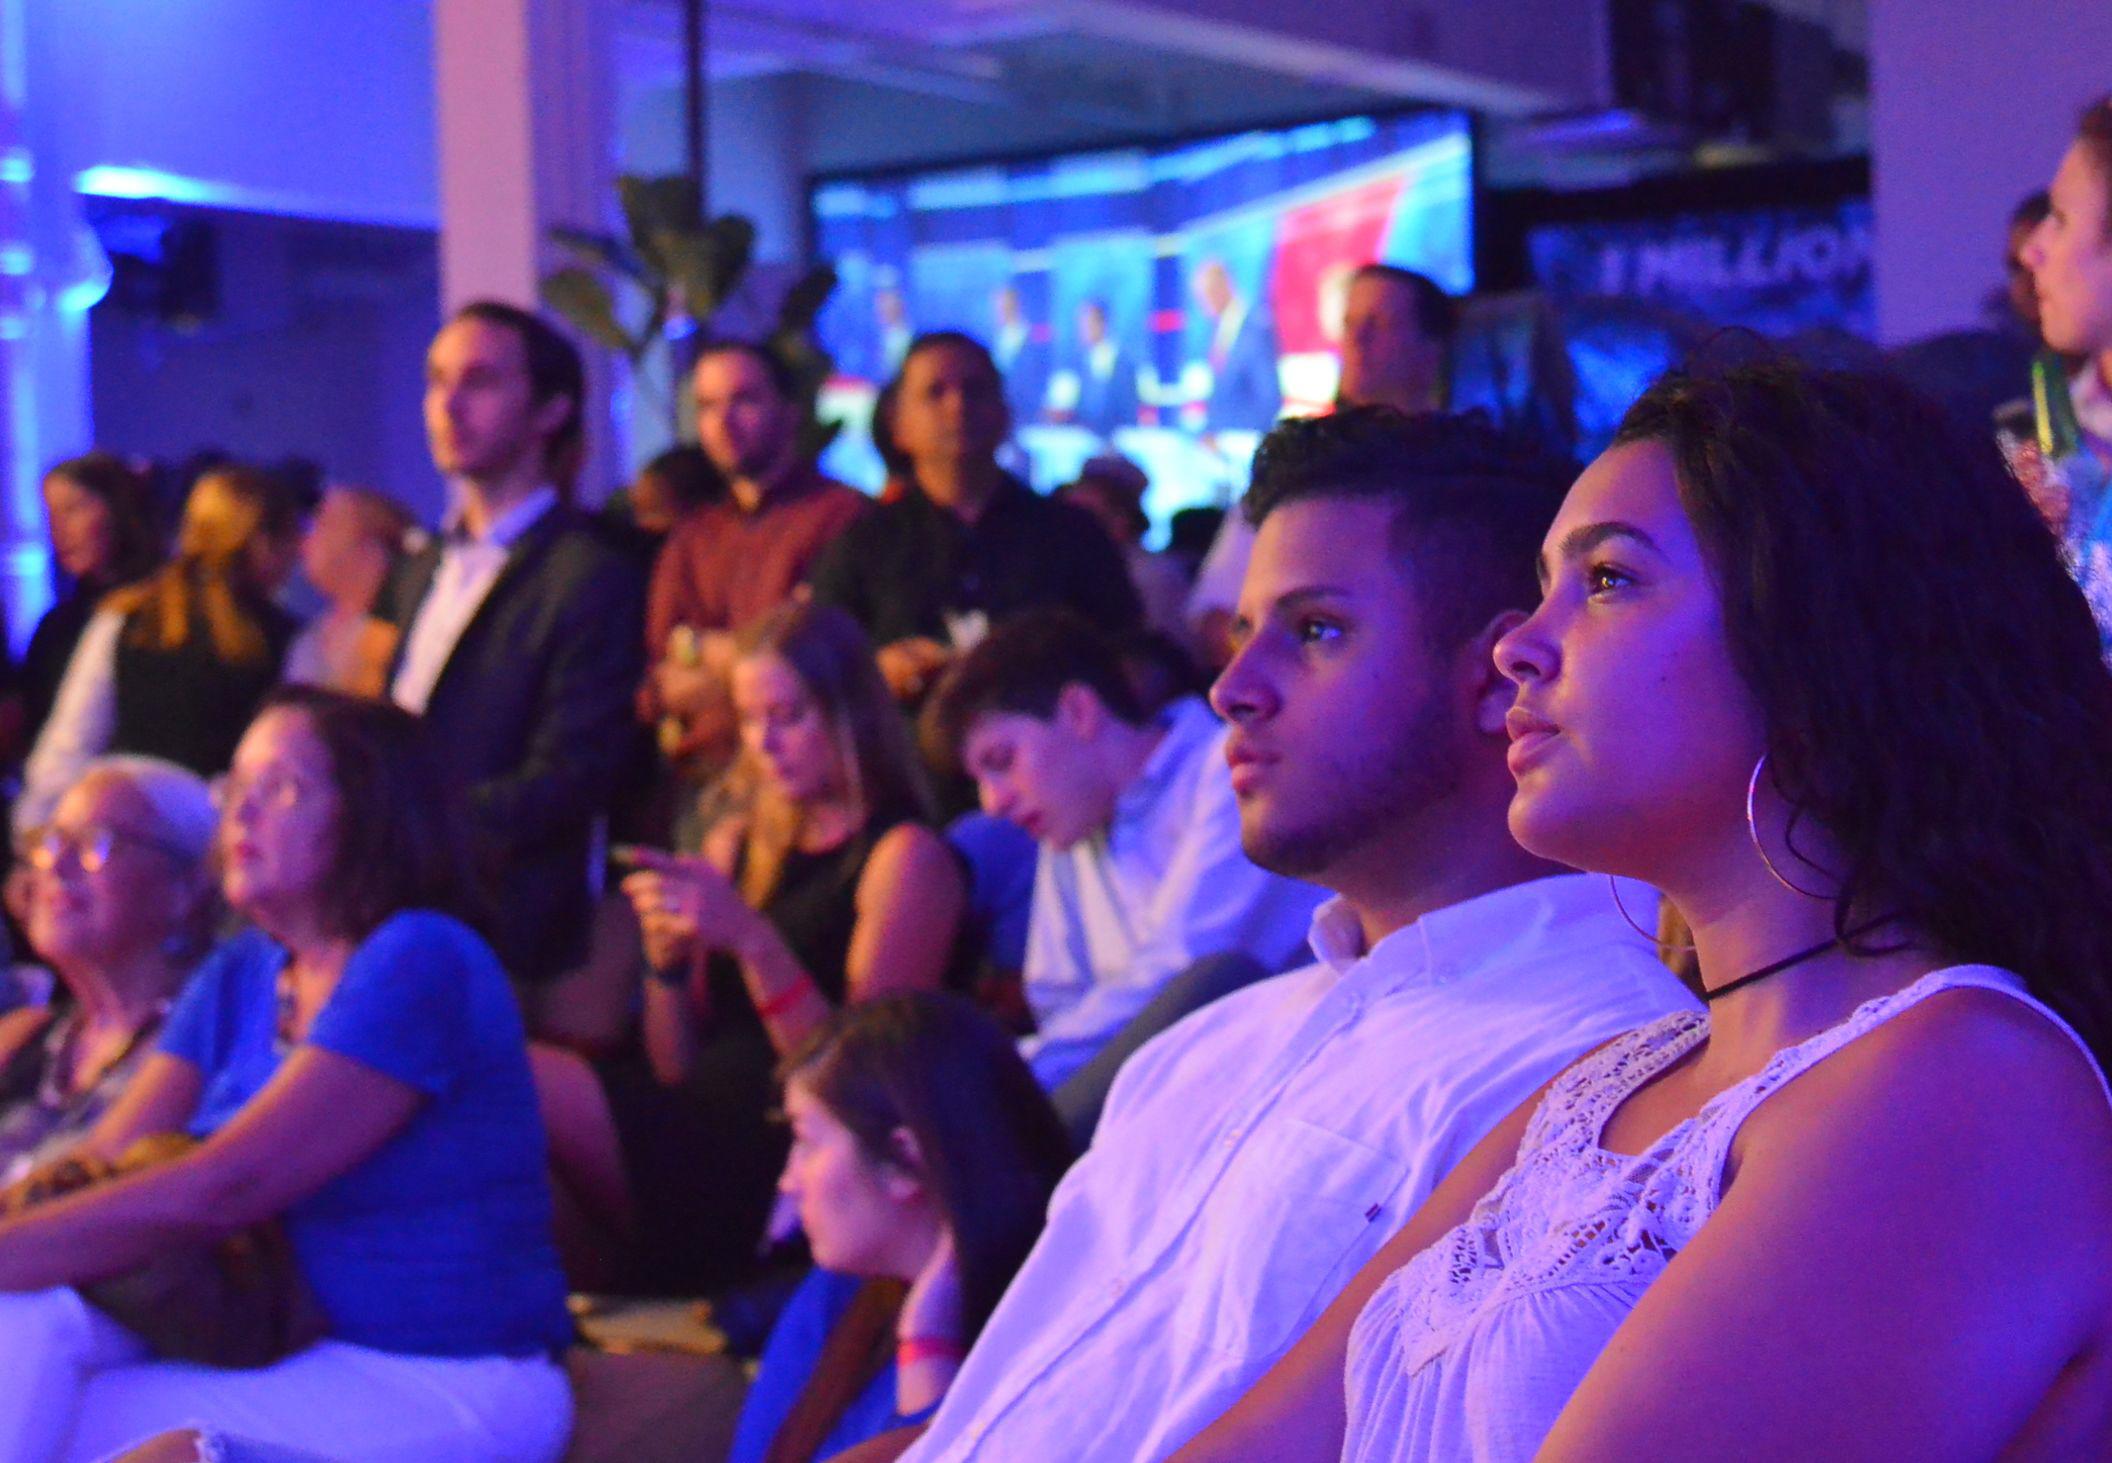 写真・図版 : 民主党の団体が主催したテレビ討論会の観戦パーティーで、発言する候補者を見つめる支持者ら=2019年6月27日、マイアミ、土佐茂生撮影